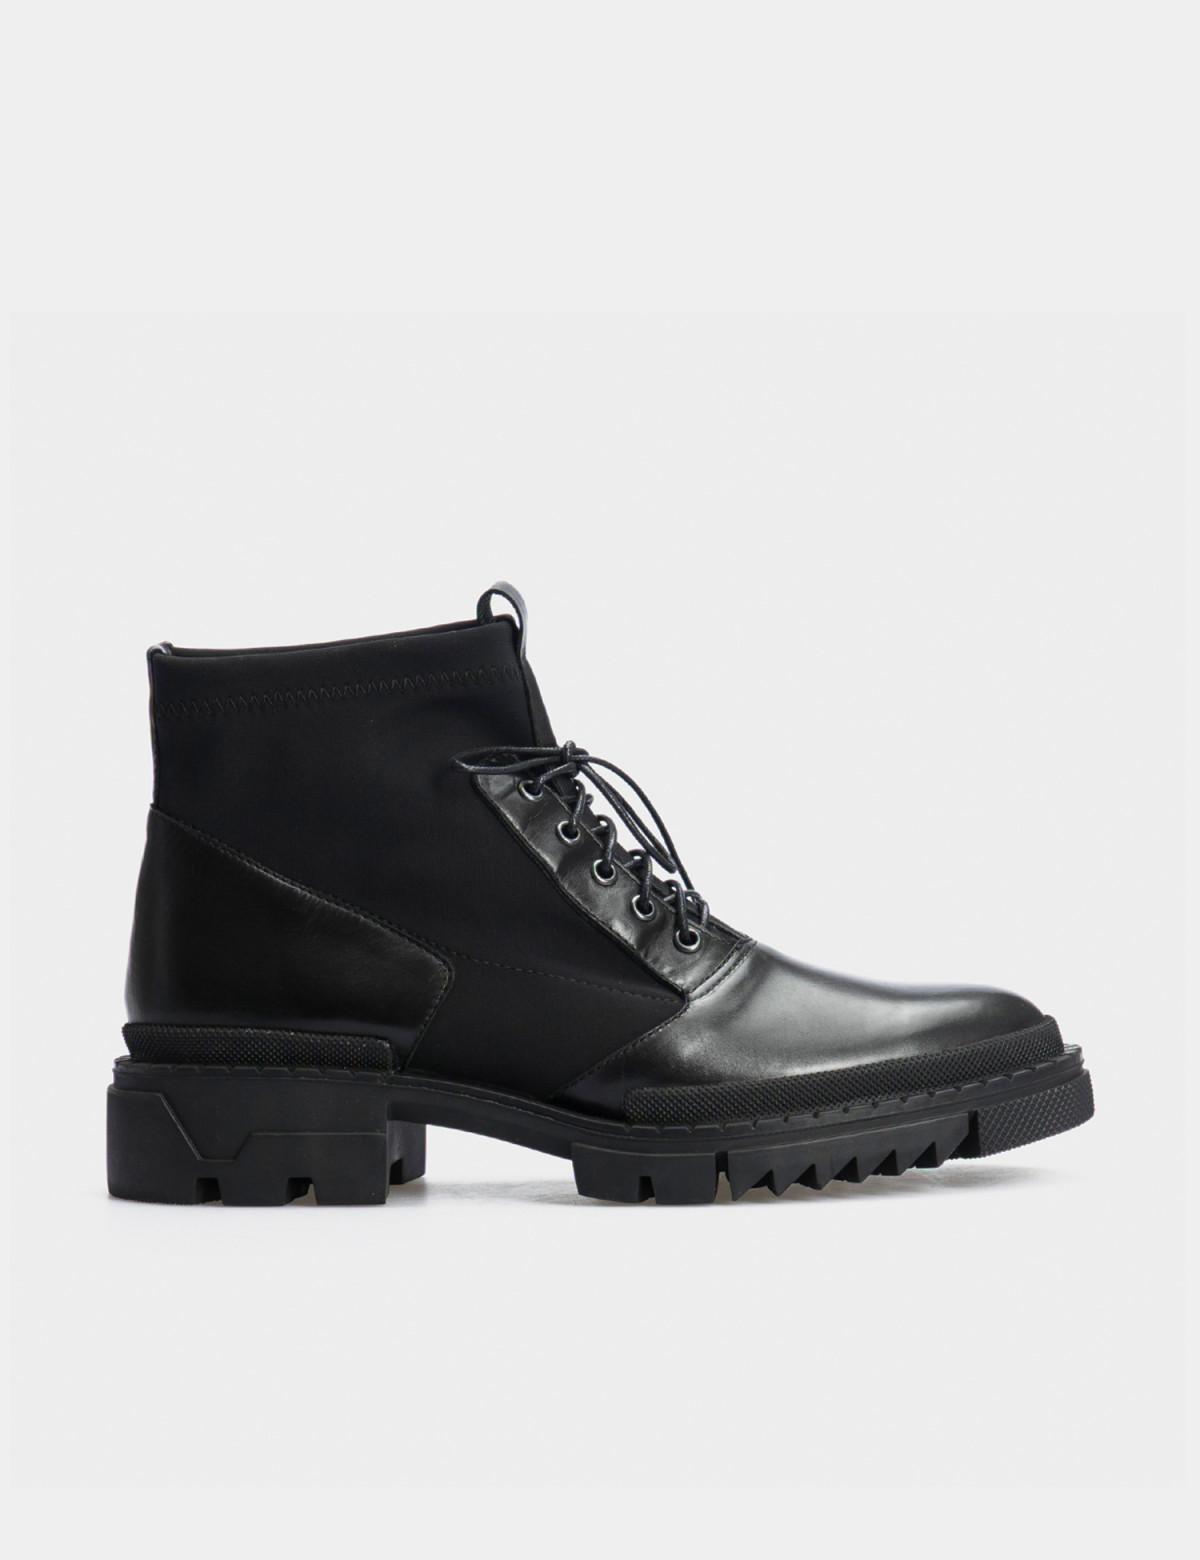 Ботинки черные, натуральная кожа/стрейч. Байка